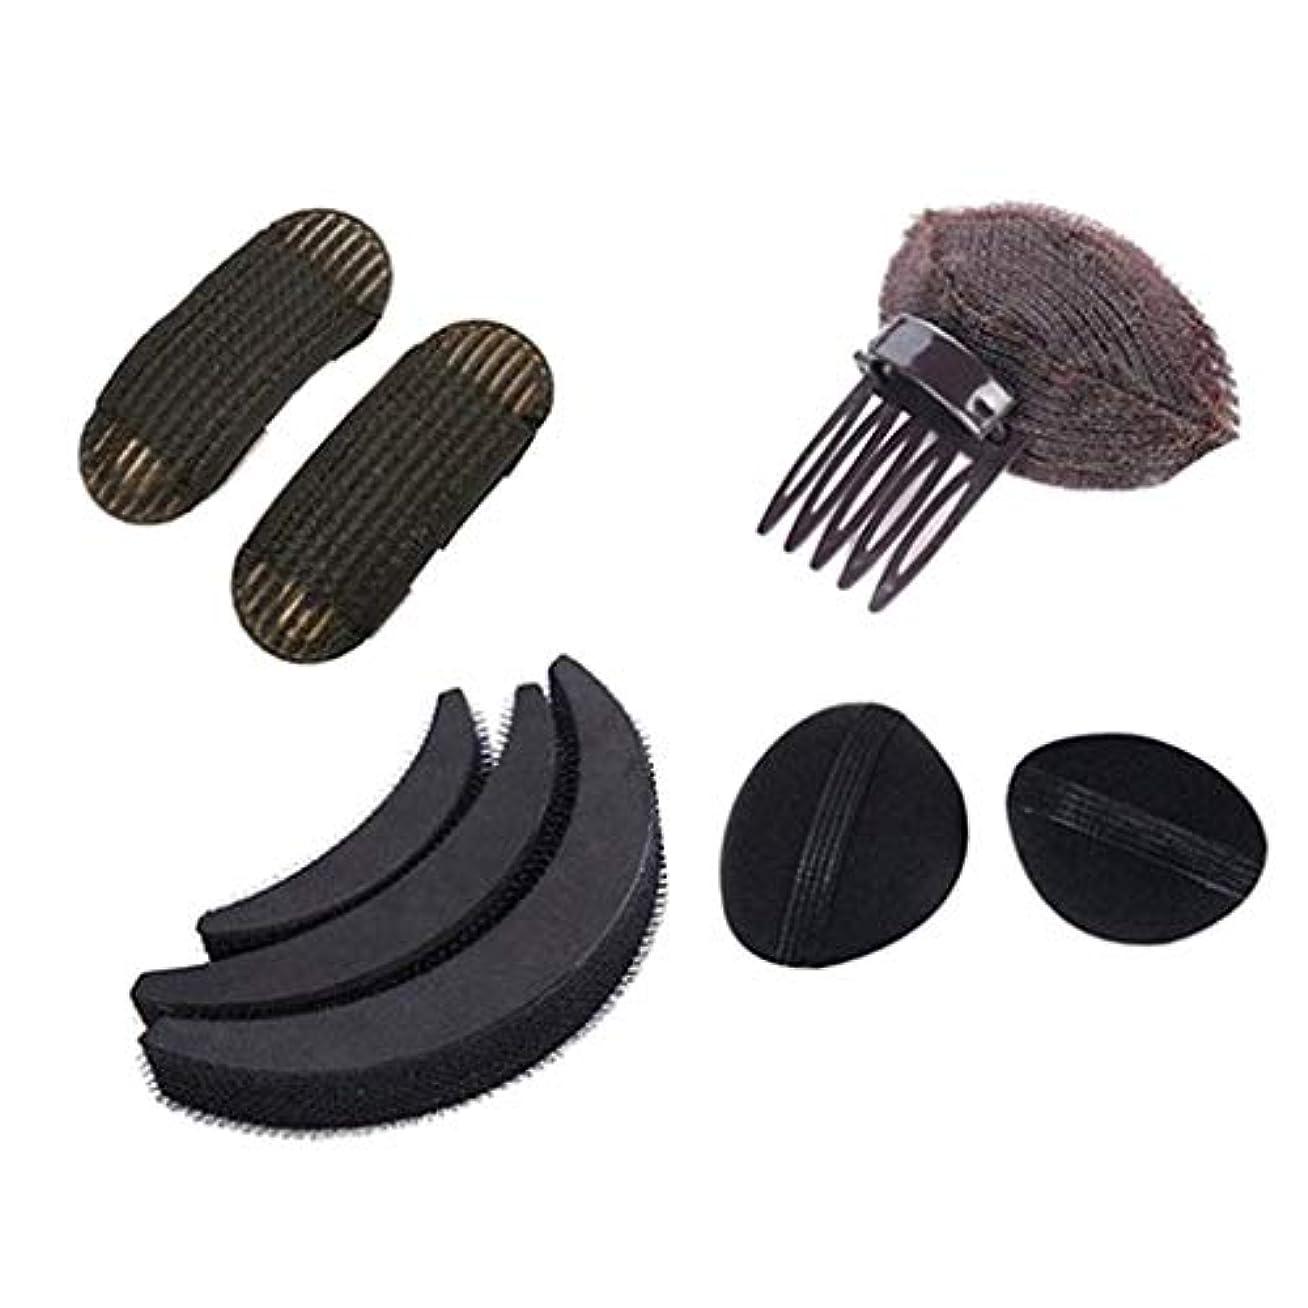 王女債務者粘性の女の子 ヘアスタイルツールキット ヘアスタイリング 髪型作成ツール ヘアステッカー 4種類 - B